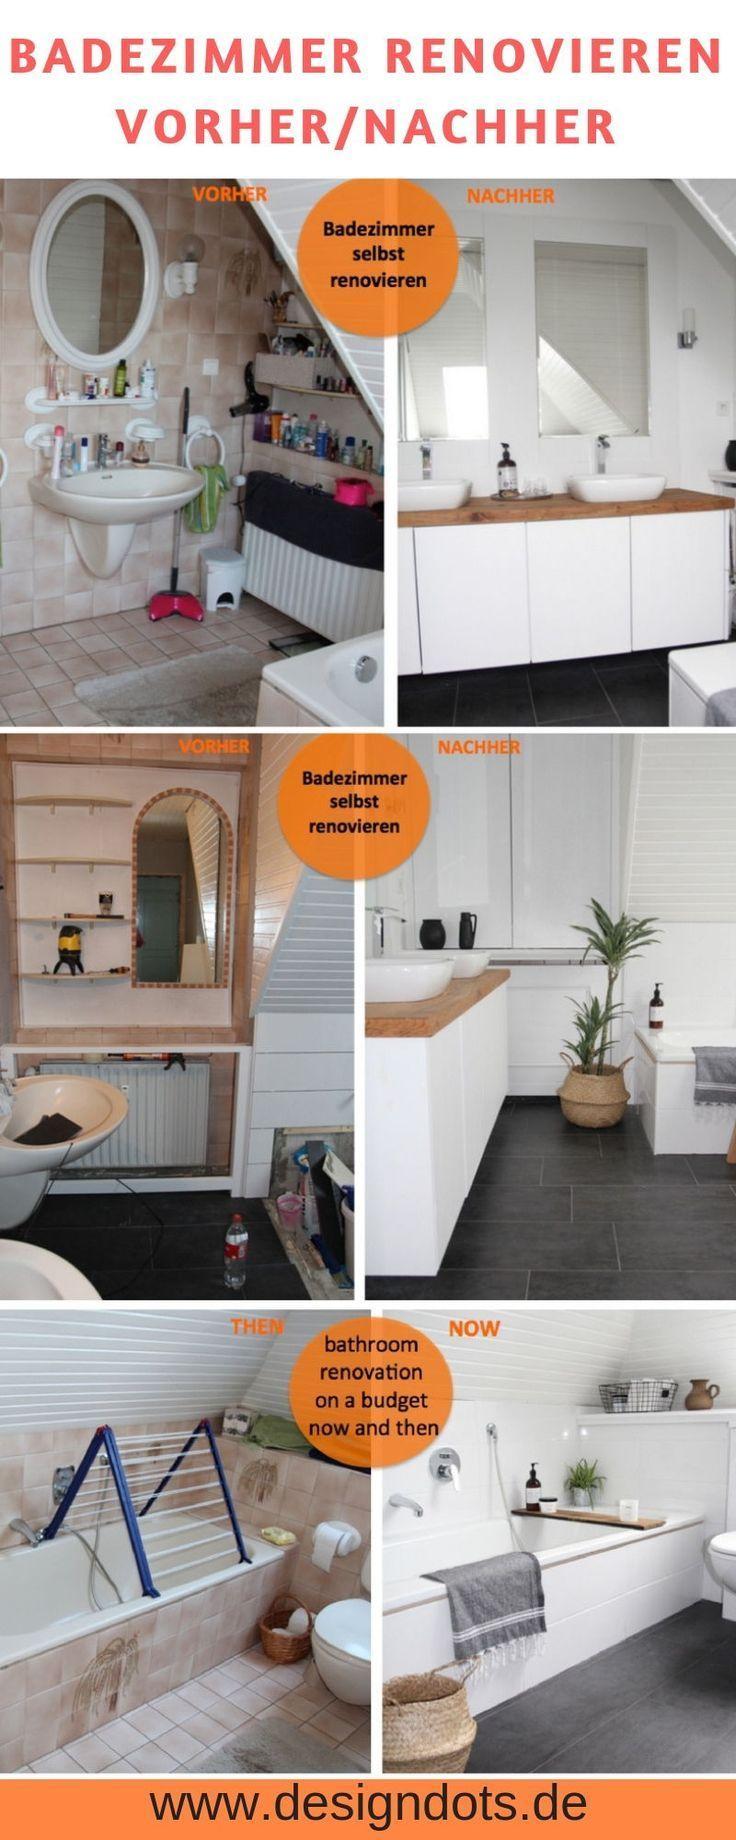 Badezimmer selbst renovieren: vorher / nachher - BAD Ideen Deko